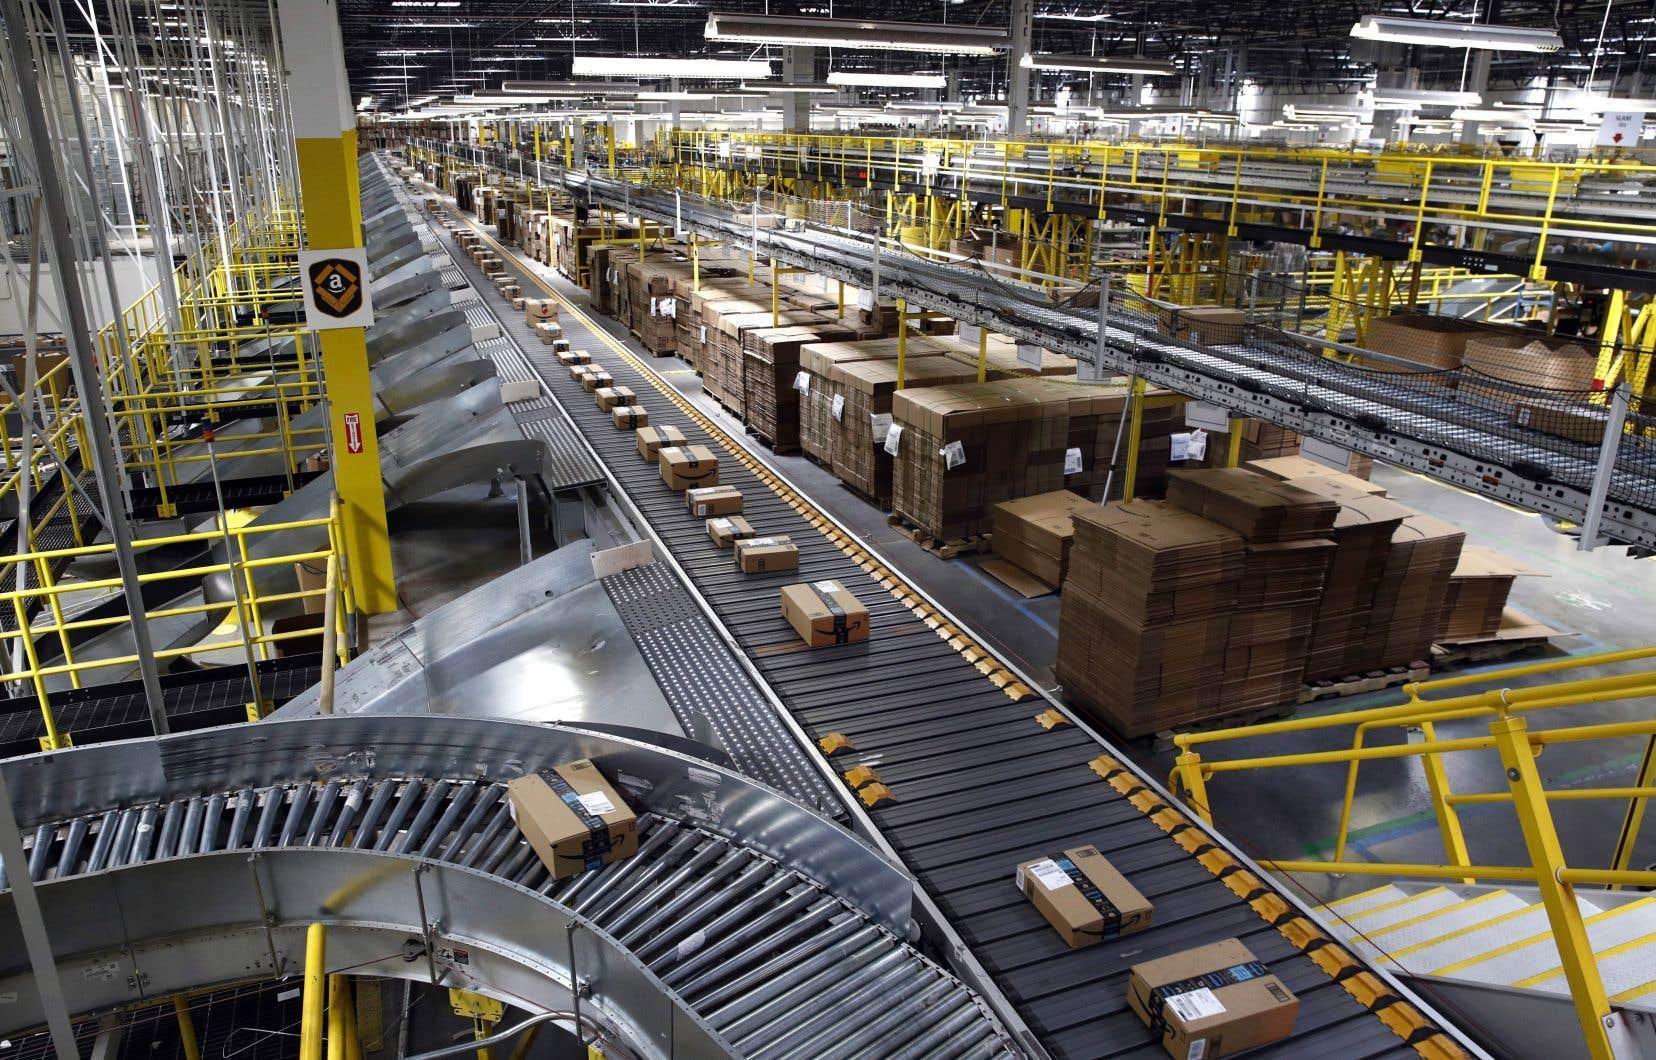 Les premières heures de la journée promotionnelle d'Amazon, baptisée «Prime Day», ont été marquées lundi par des bogues informatiques qui ont duré plusieurs heures.